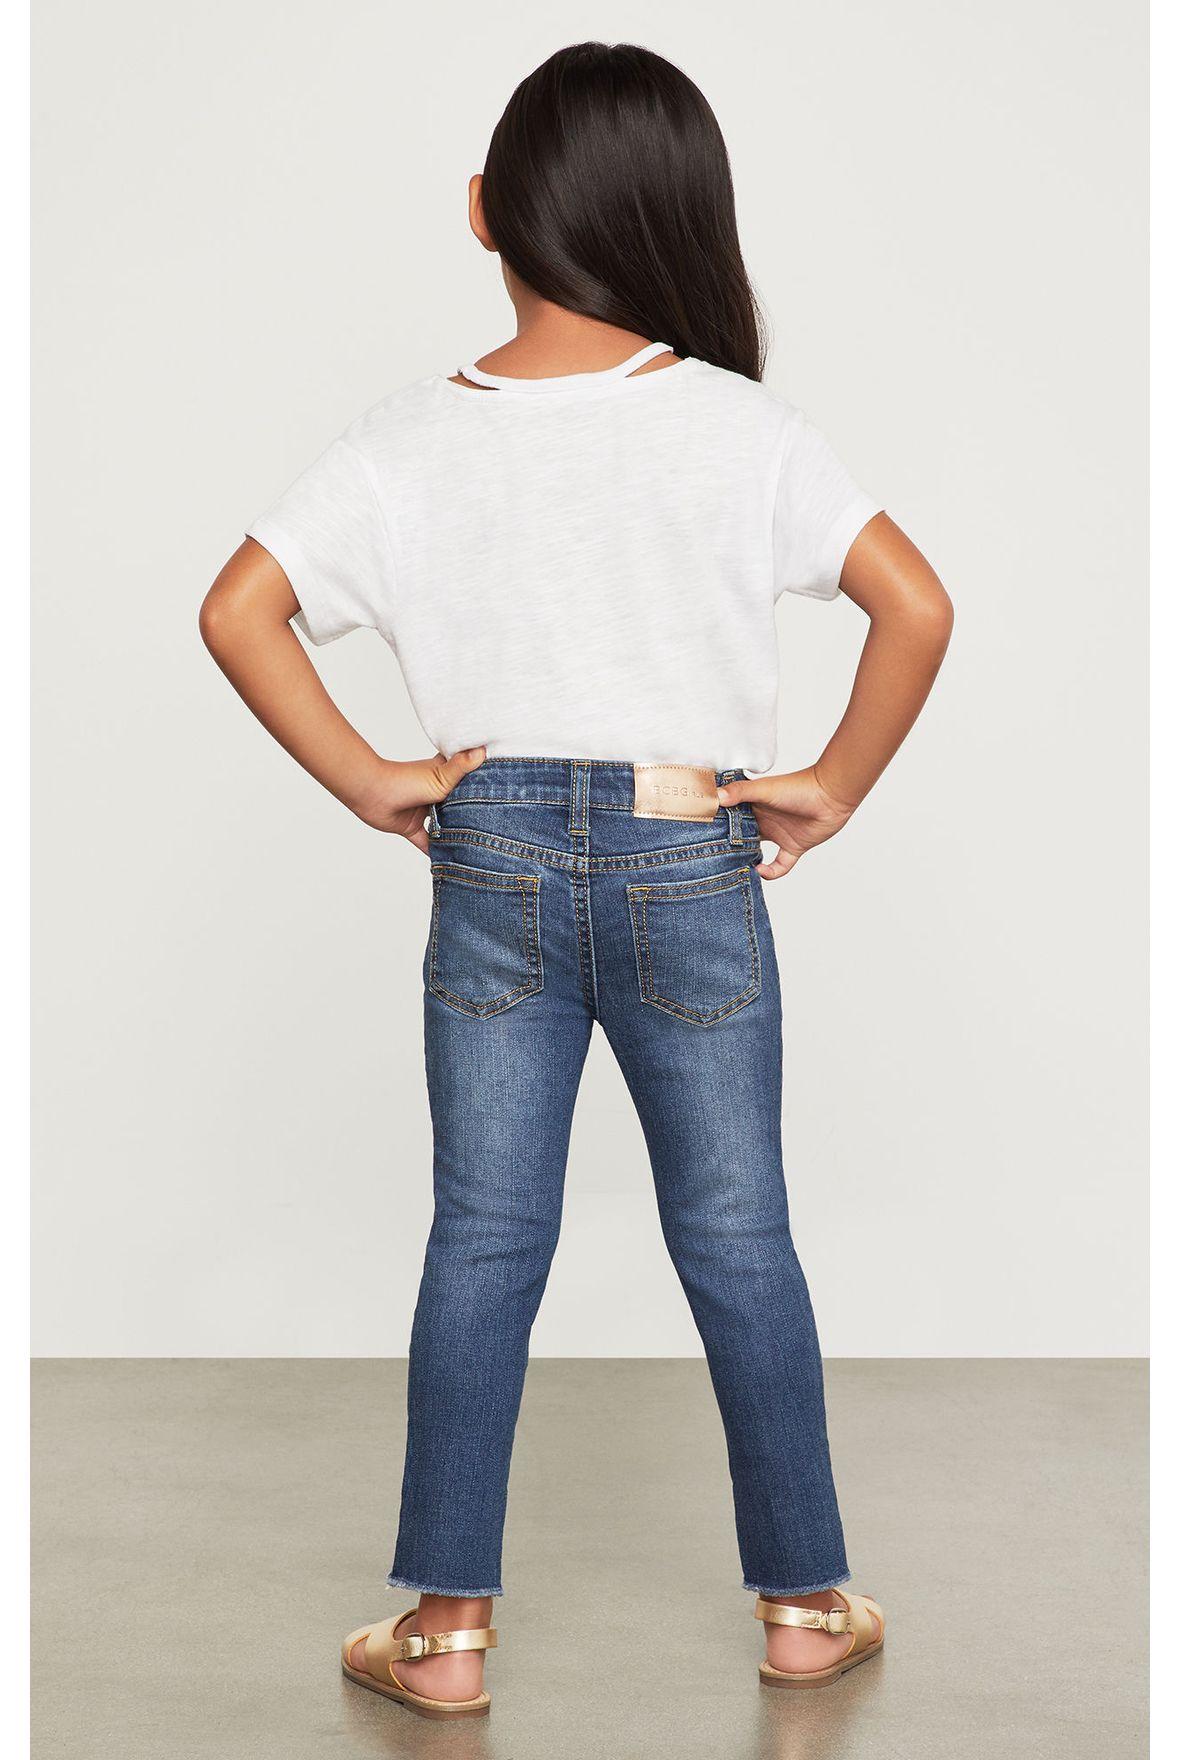 Camiseta-BCBGirls-blanca-meet-me-in-paris-B638SK215_WHT_a